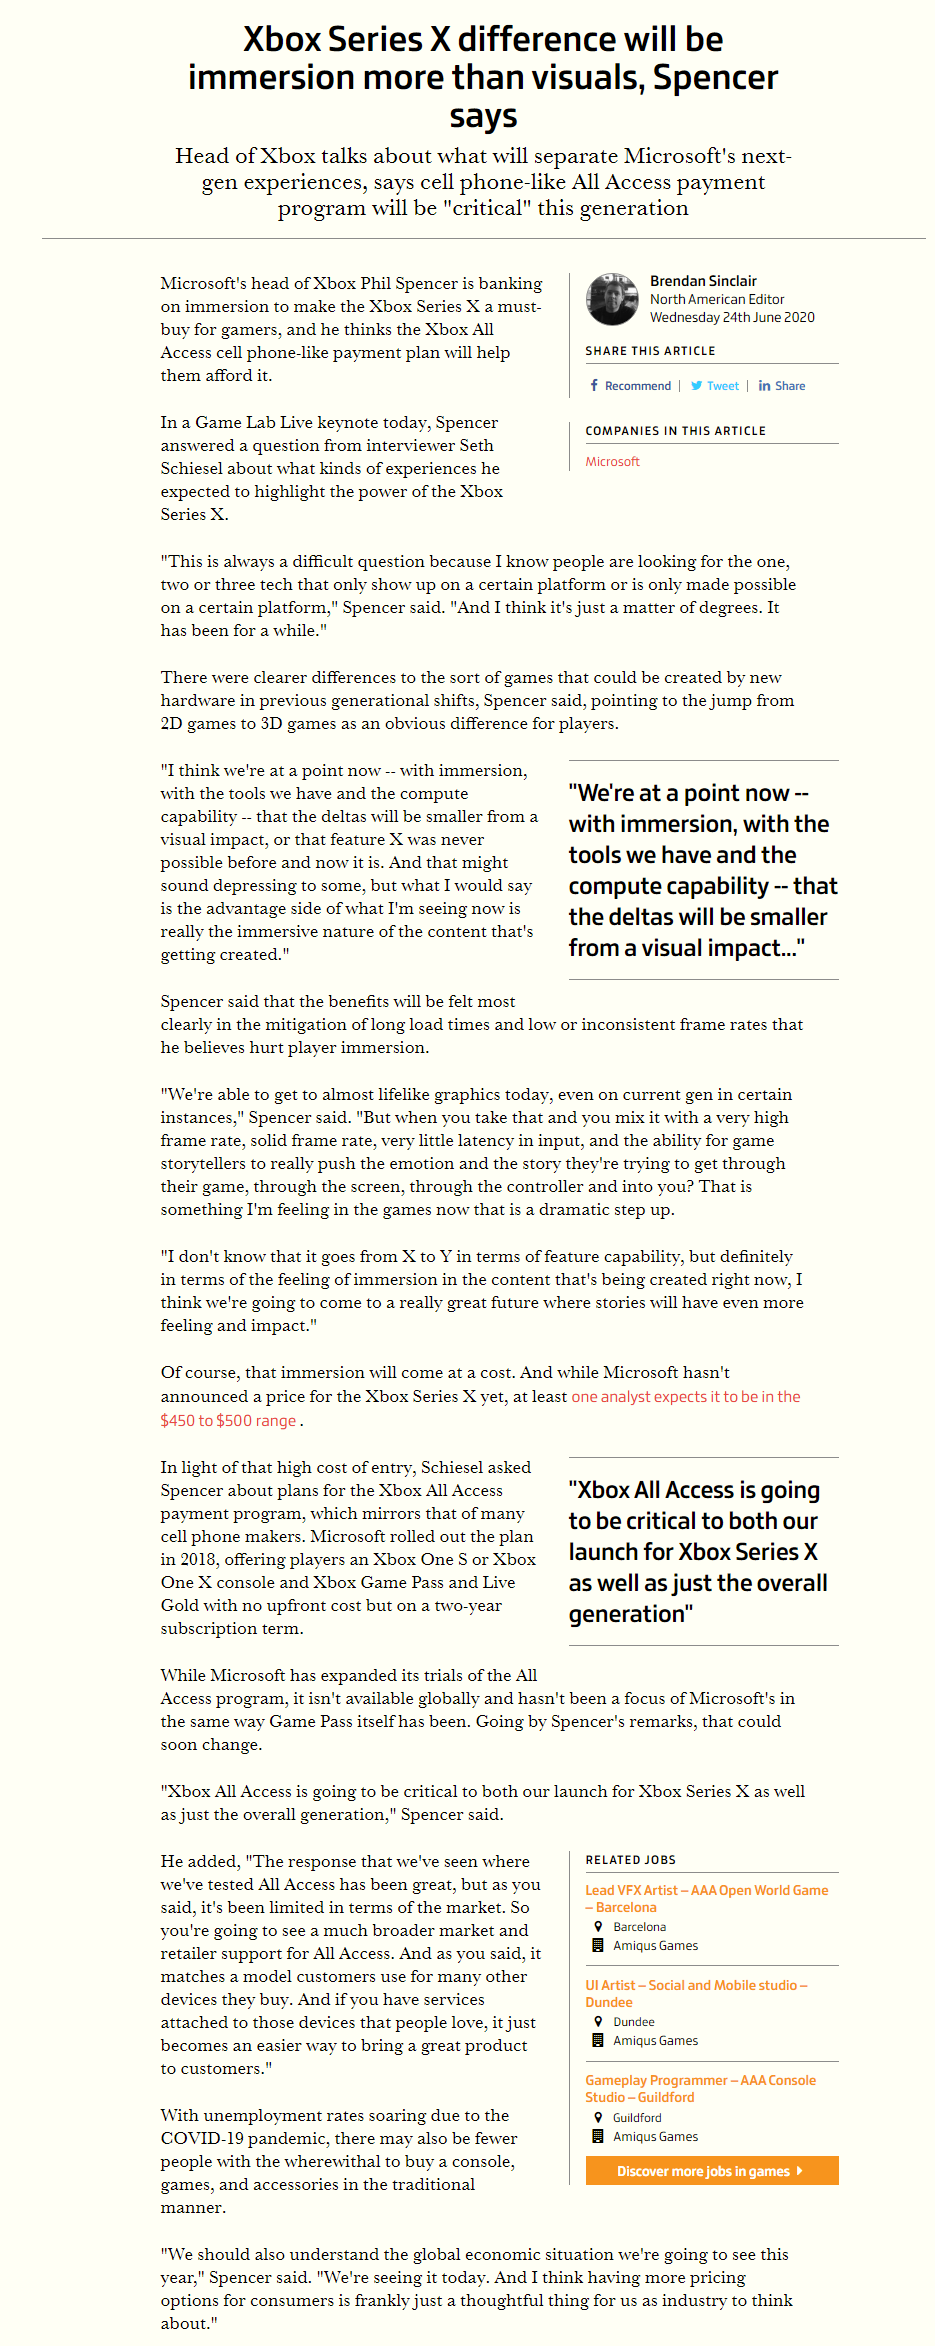 11 - フィル「次世代の肝は没入感。XSXはPSにはない数々の機能がある。PS発表会はしょぼすぎてワロタ」